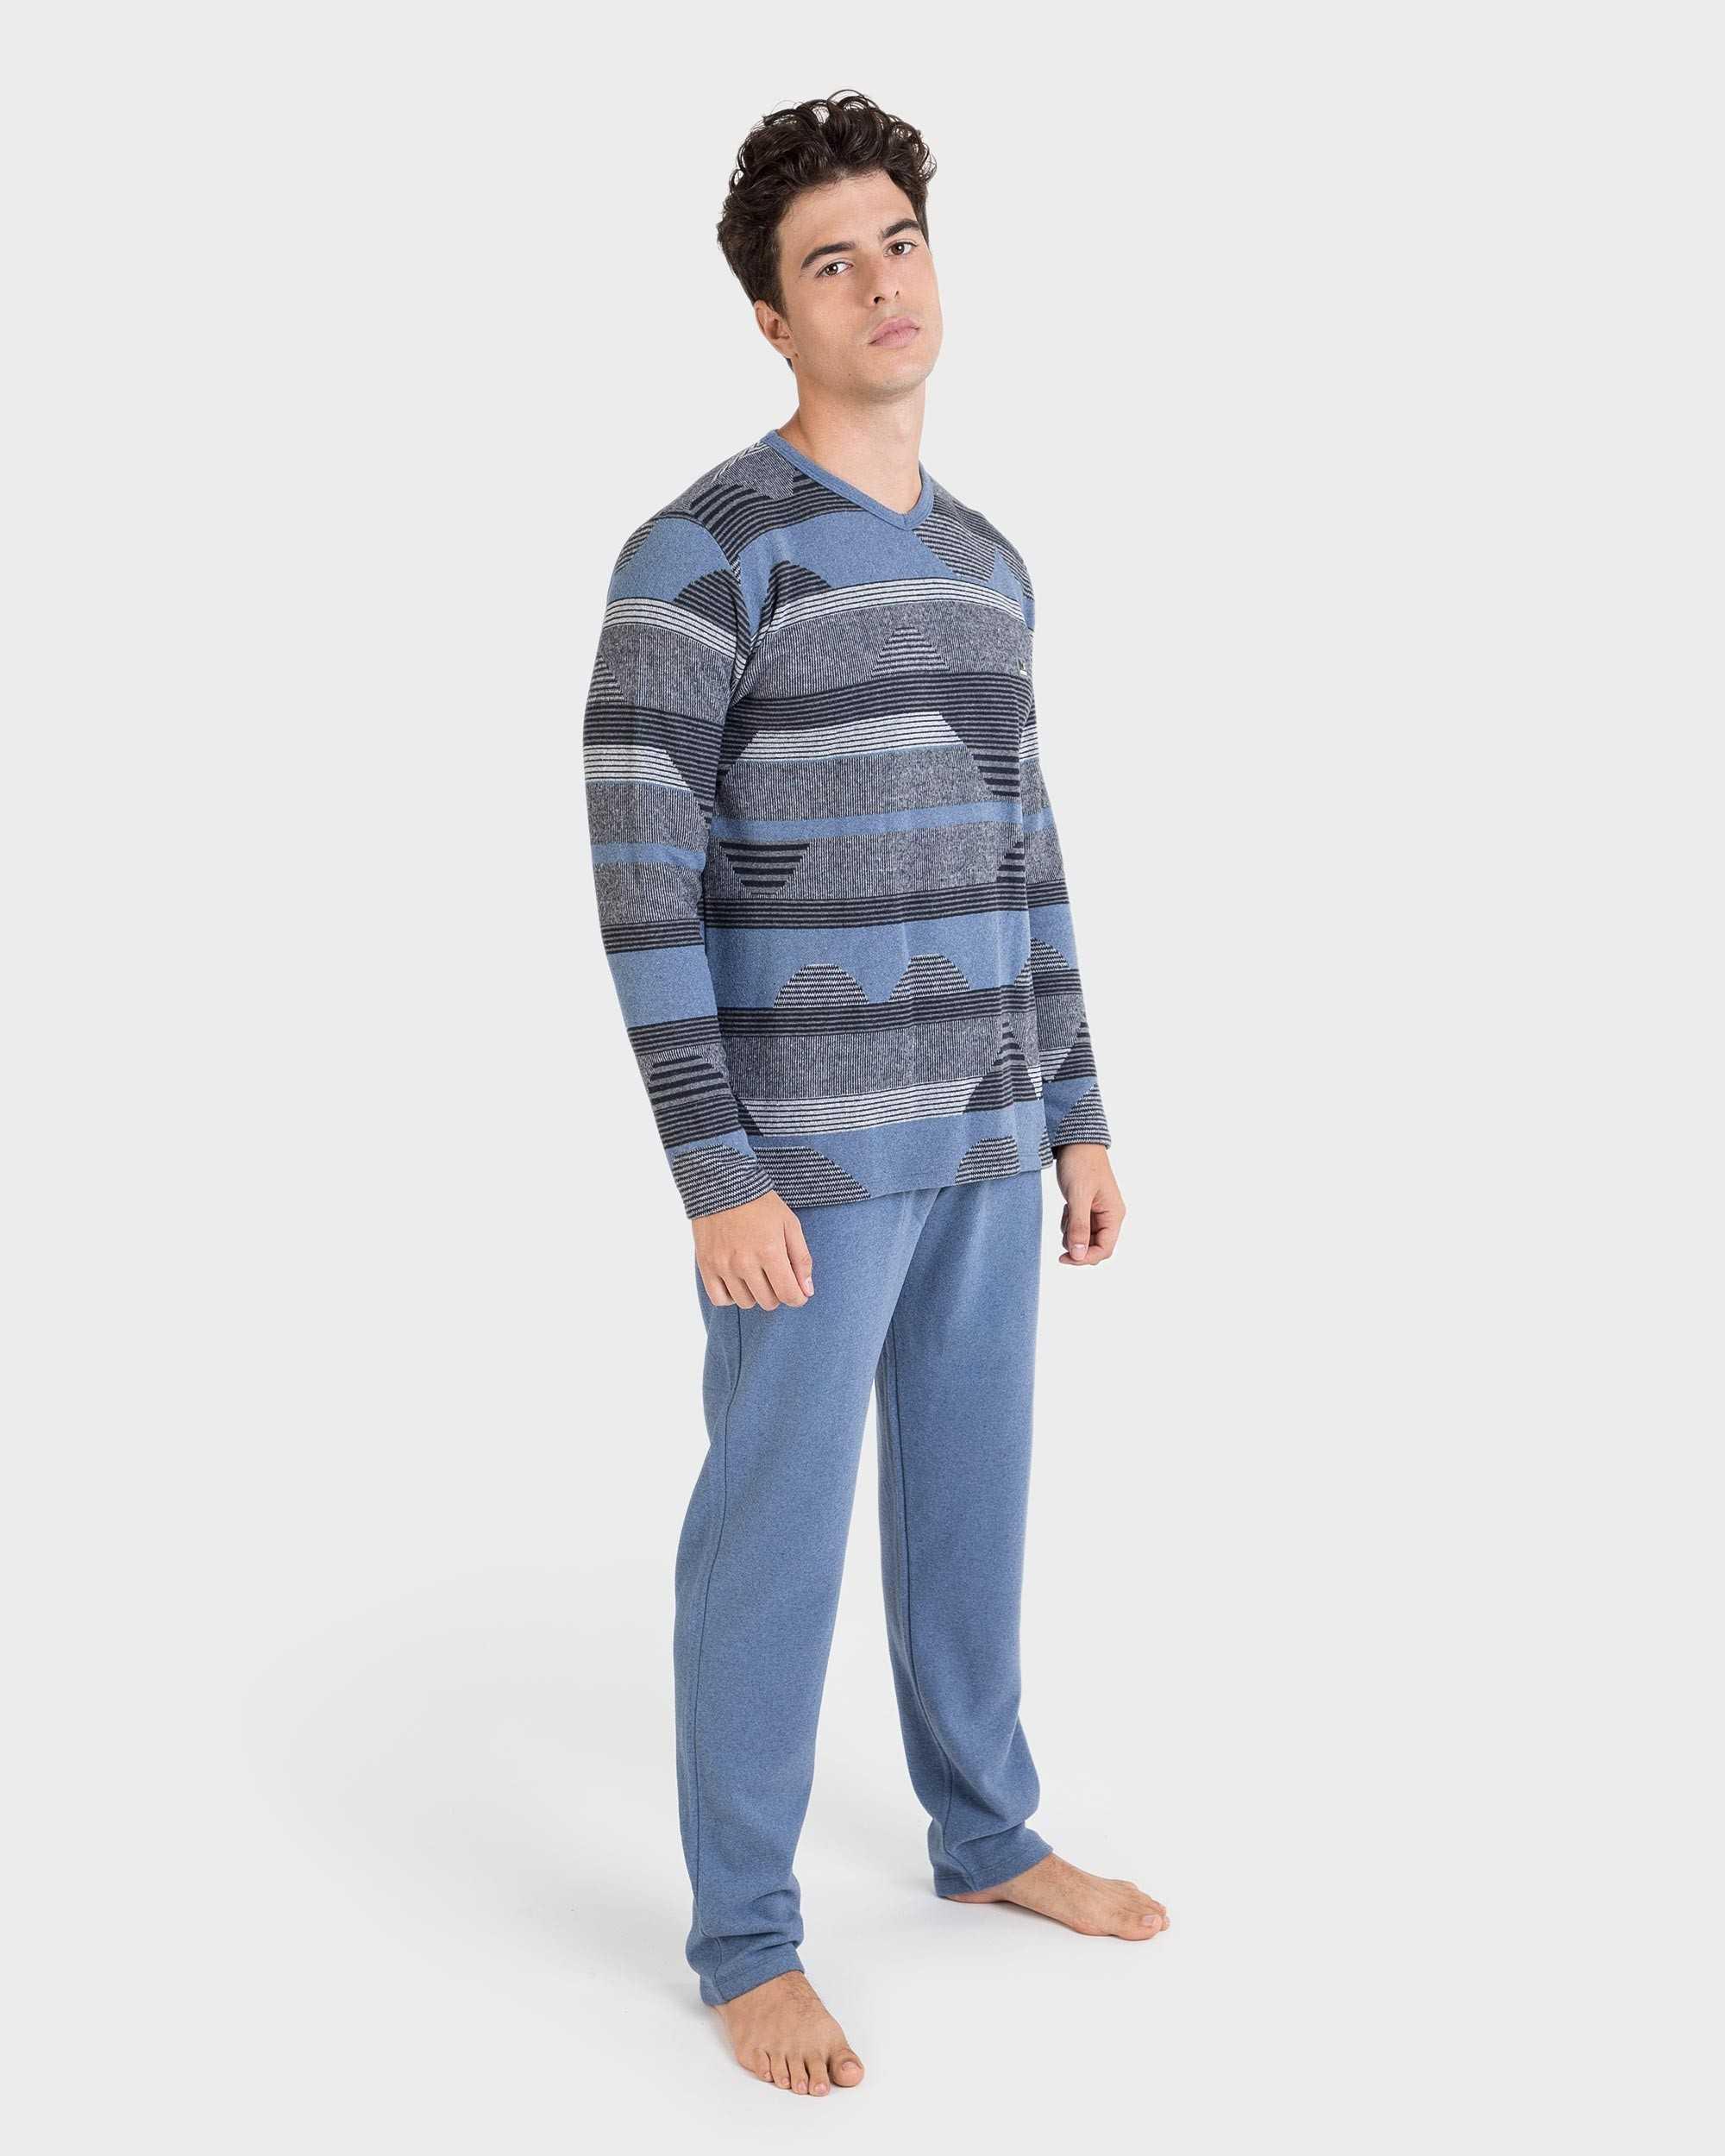 Pijama Caballero 'Vigoré Azul' Massana   -   - PEPI GUERRA